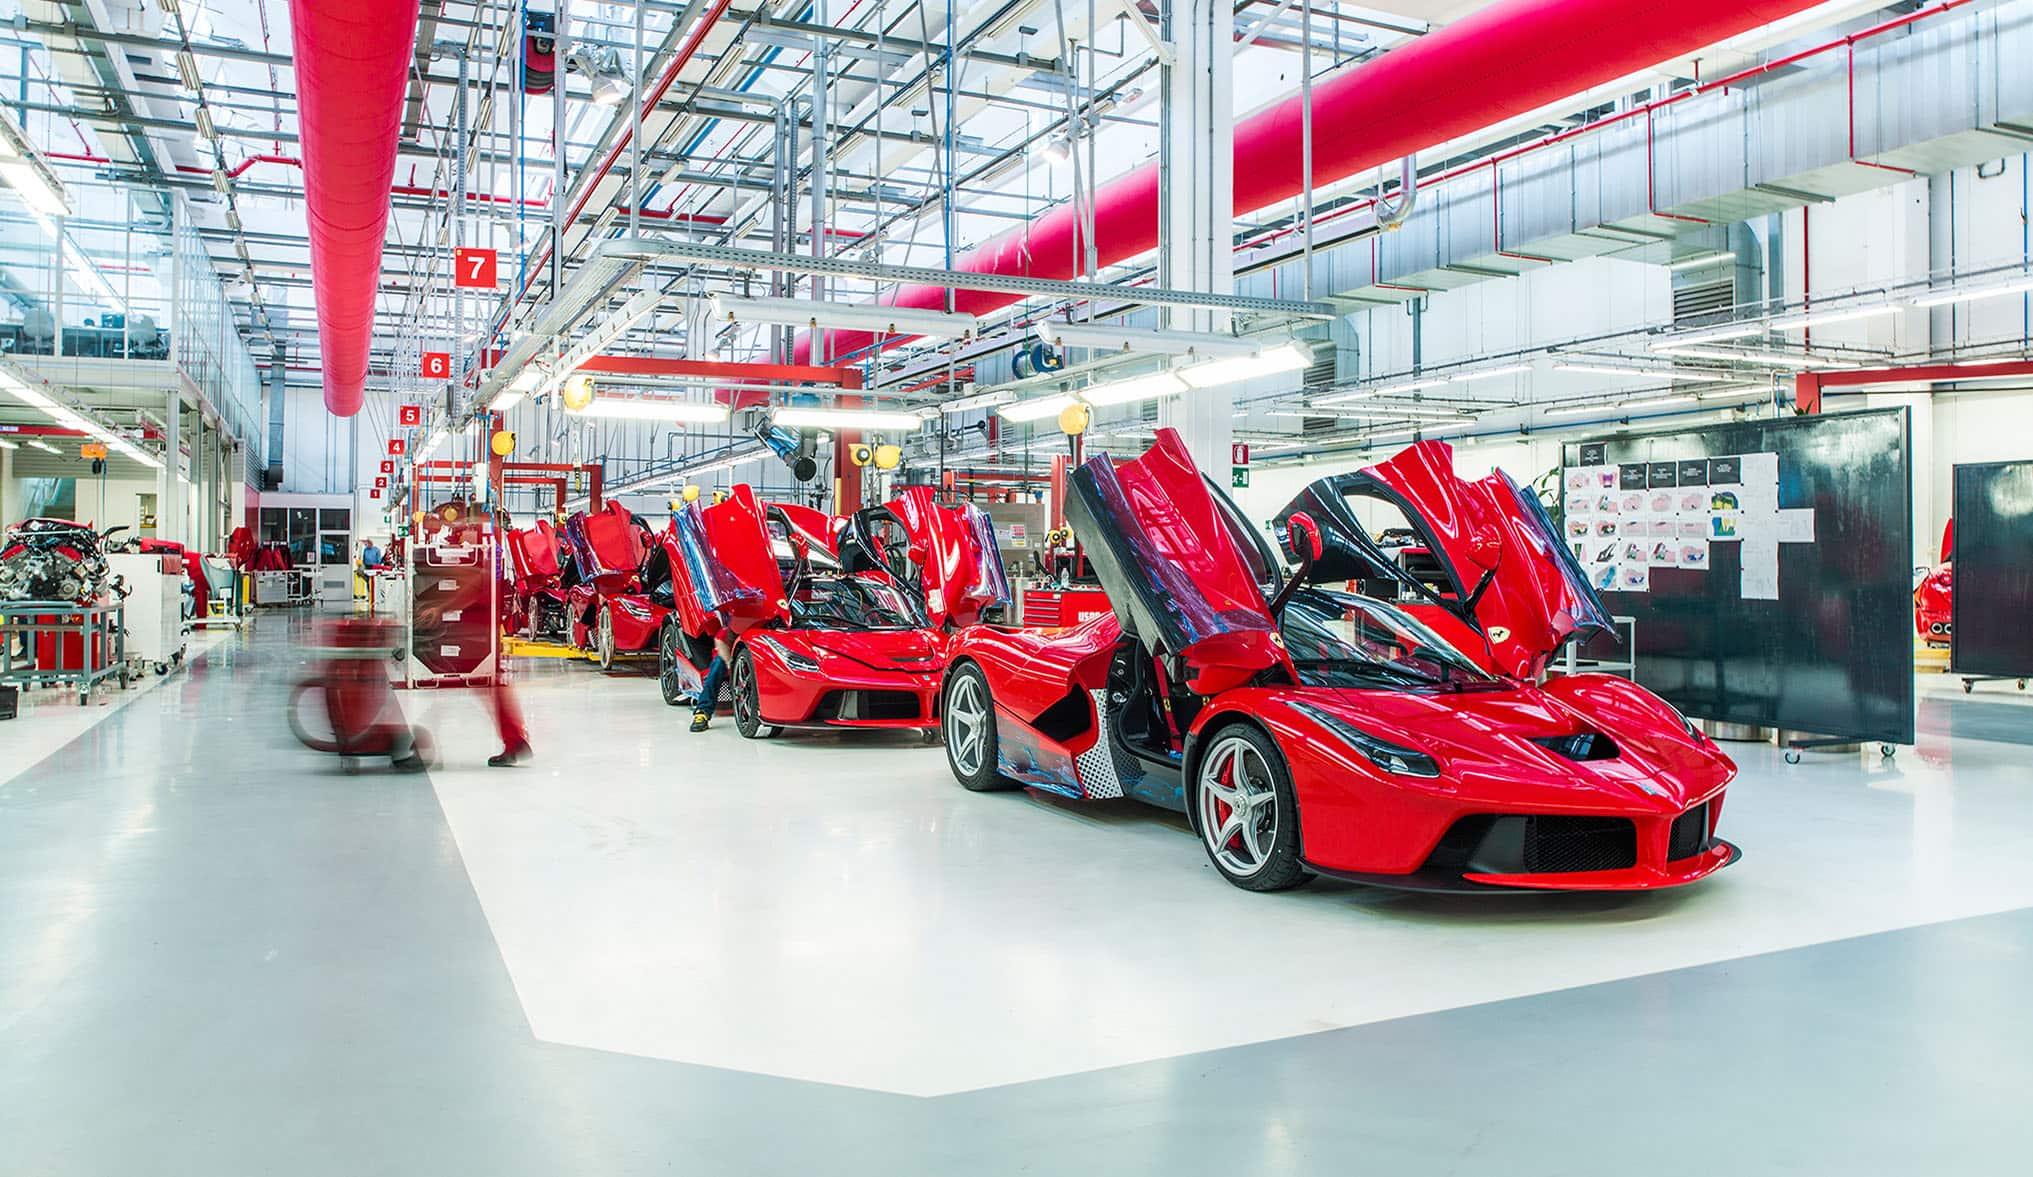 A unique Ferrari day